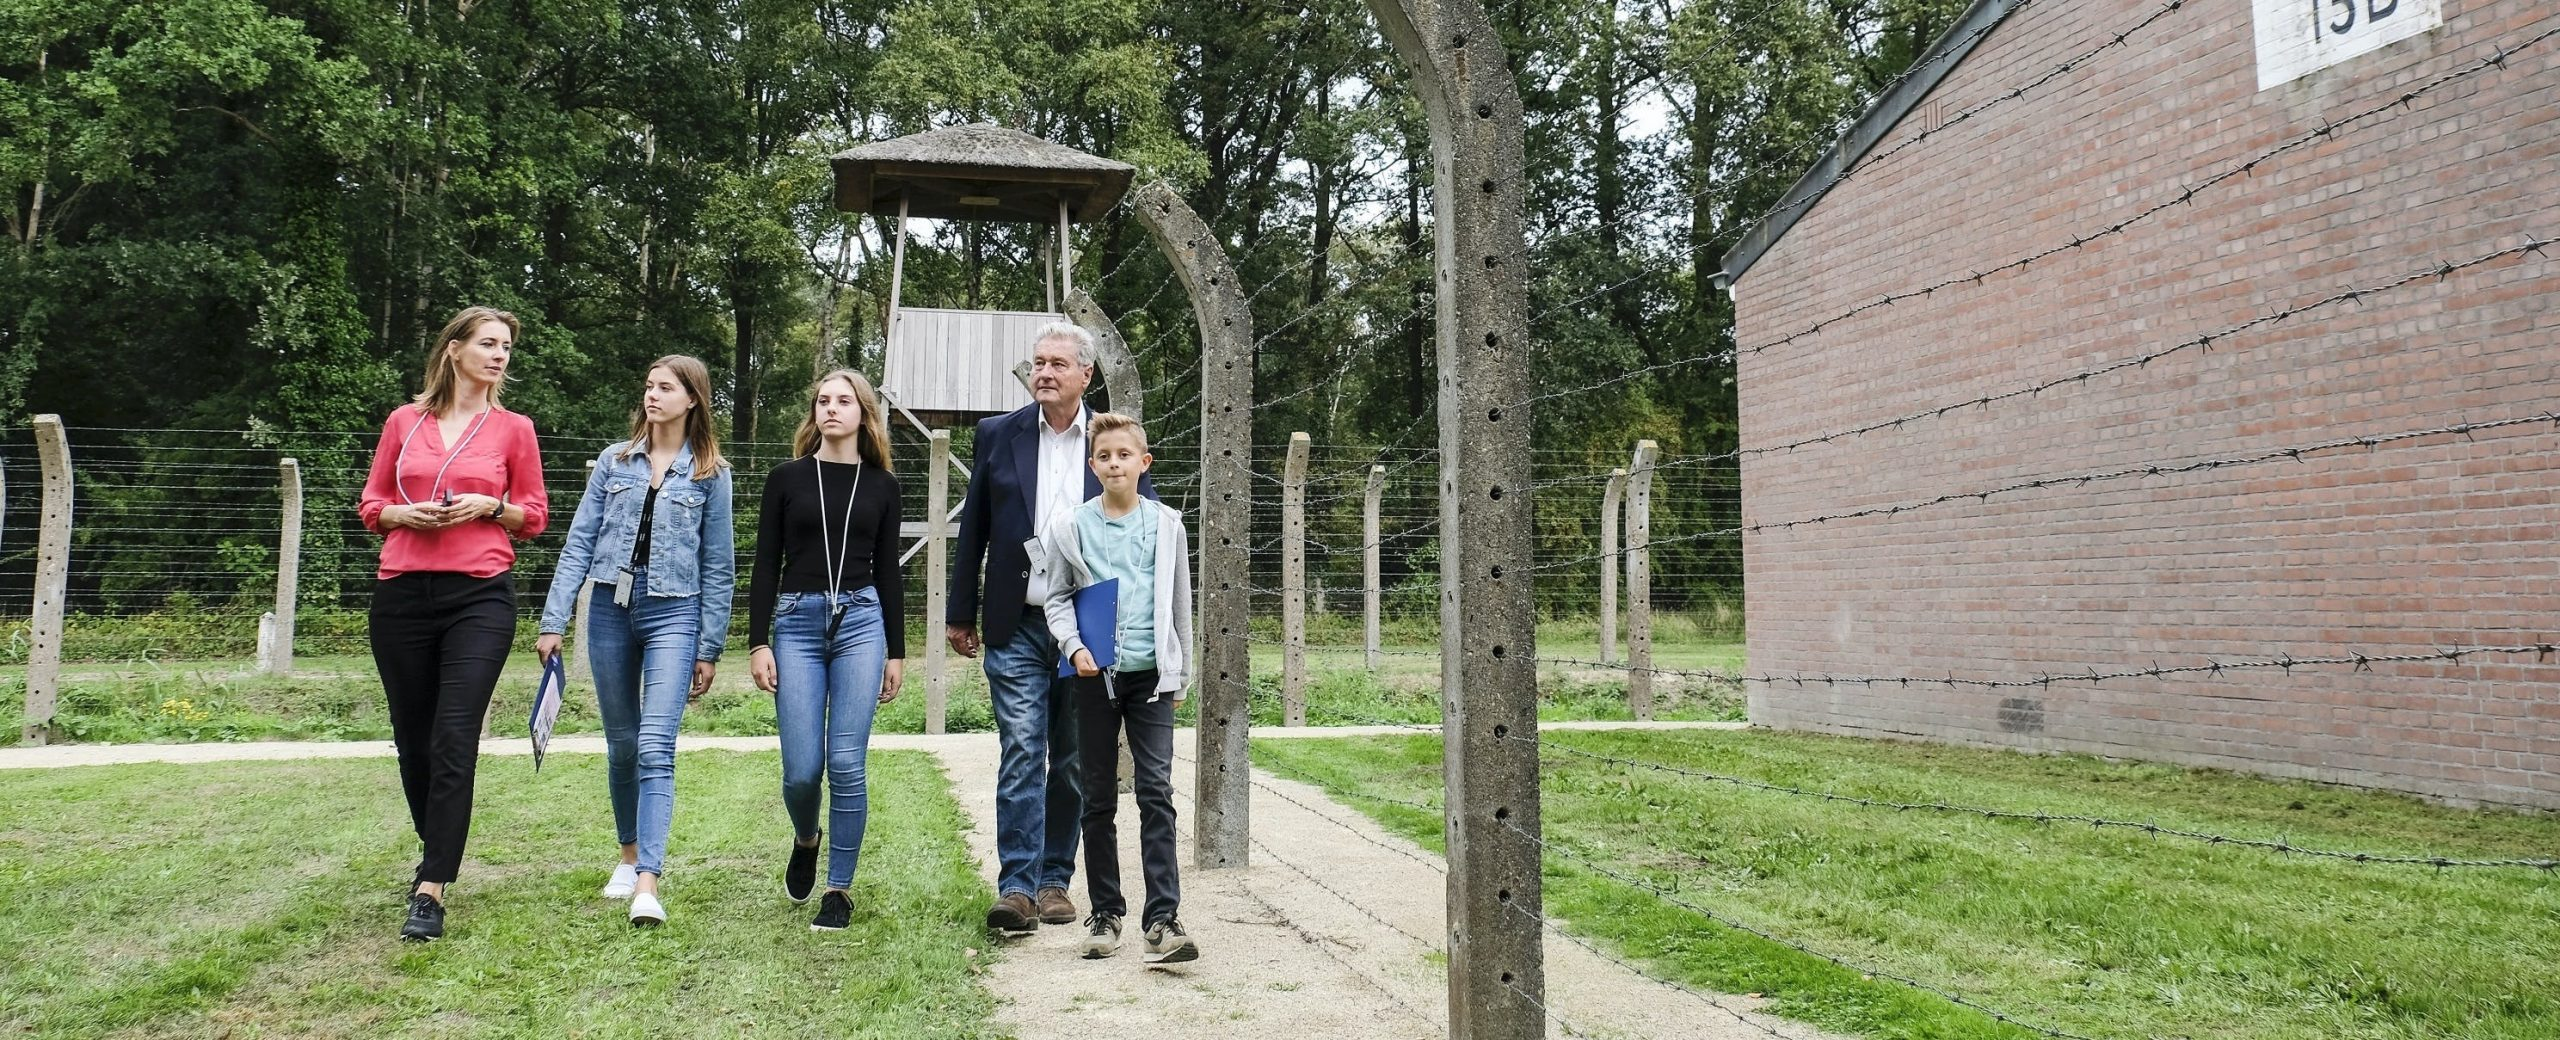 Rondleiding met kleine groepen door Nationaal Monument Kamp Vught en Historisch 's-Hertogenbosch in WO II